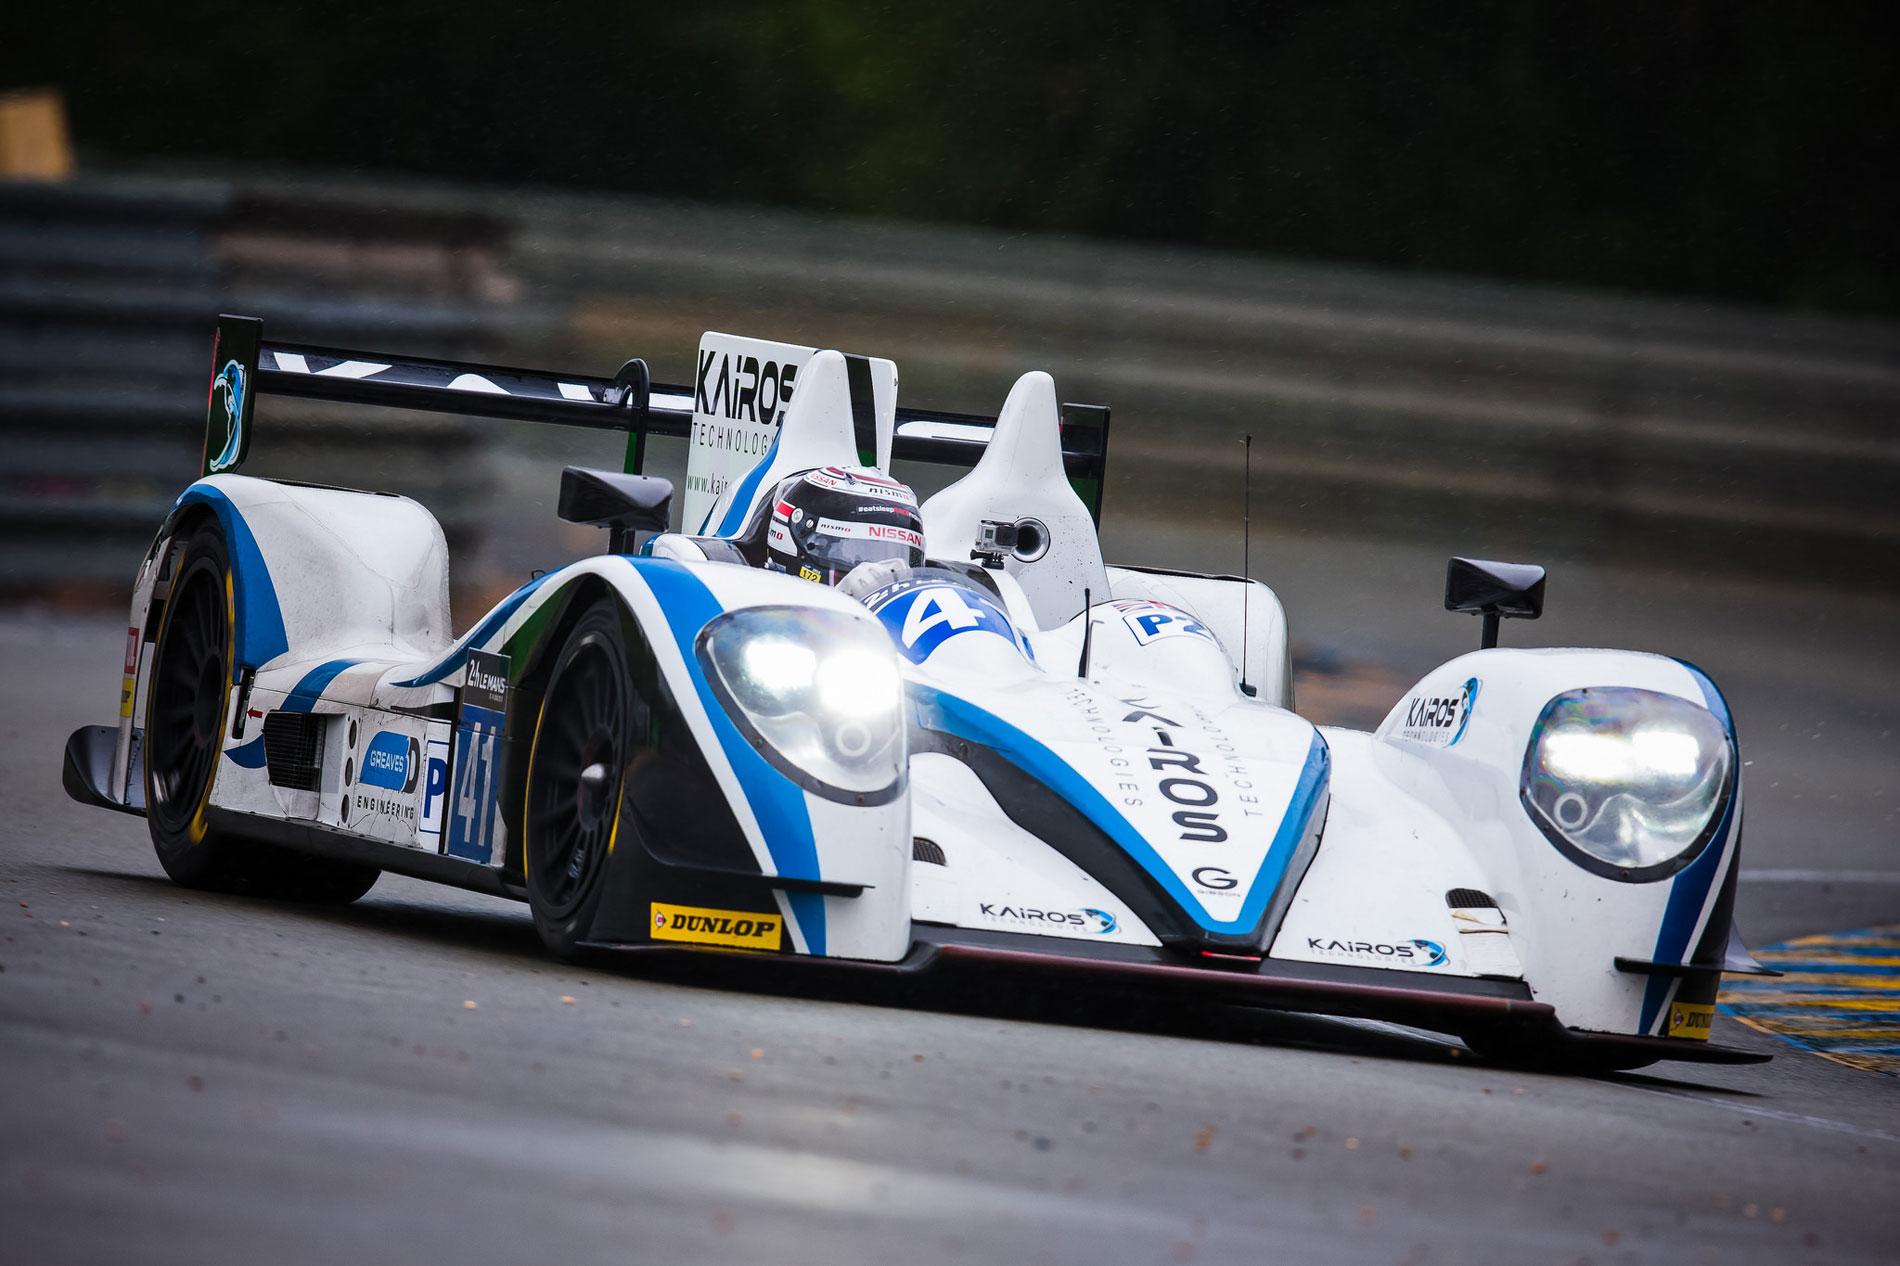 Paletou to make Le Mans debut